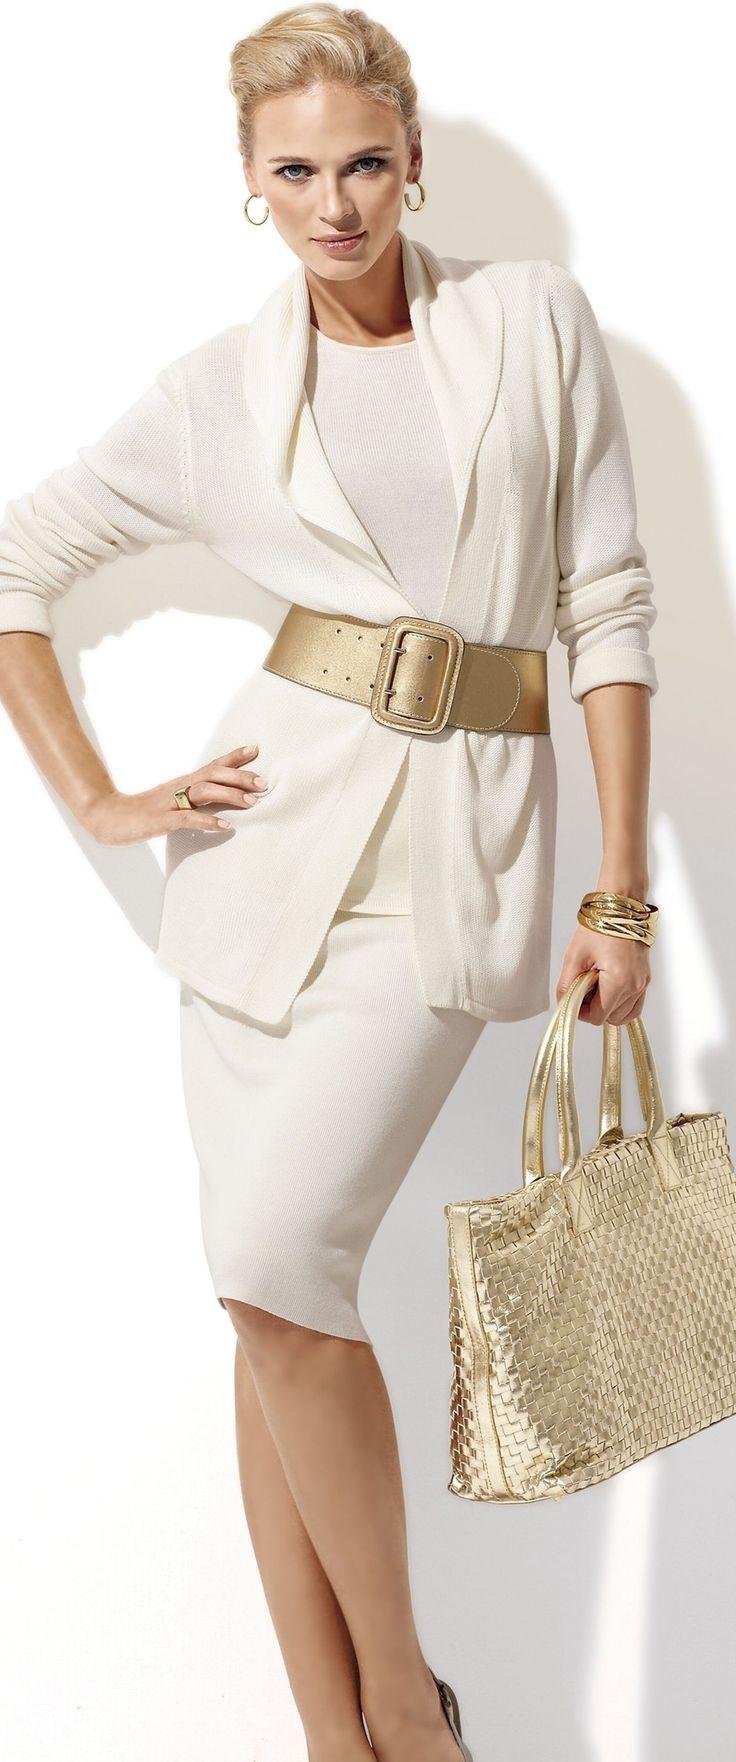 Best 10+ Gold belt outfit ideas on Pinterest   Teacher work ...